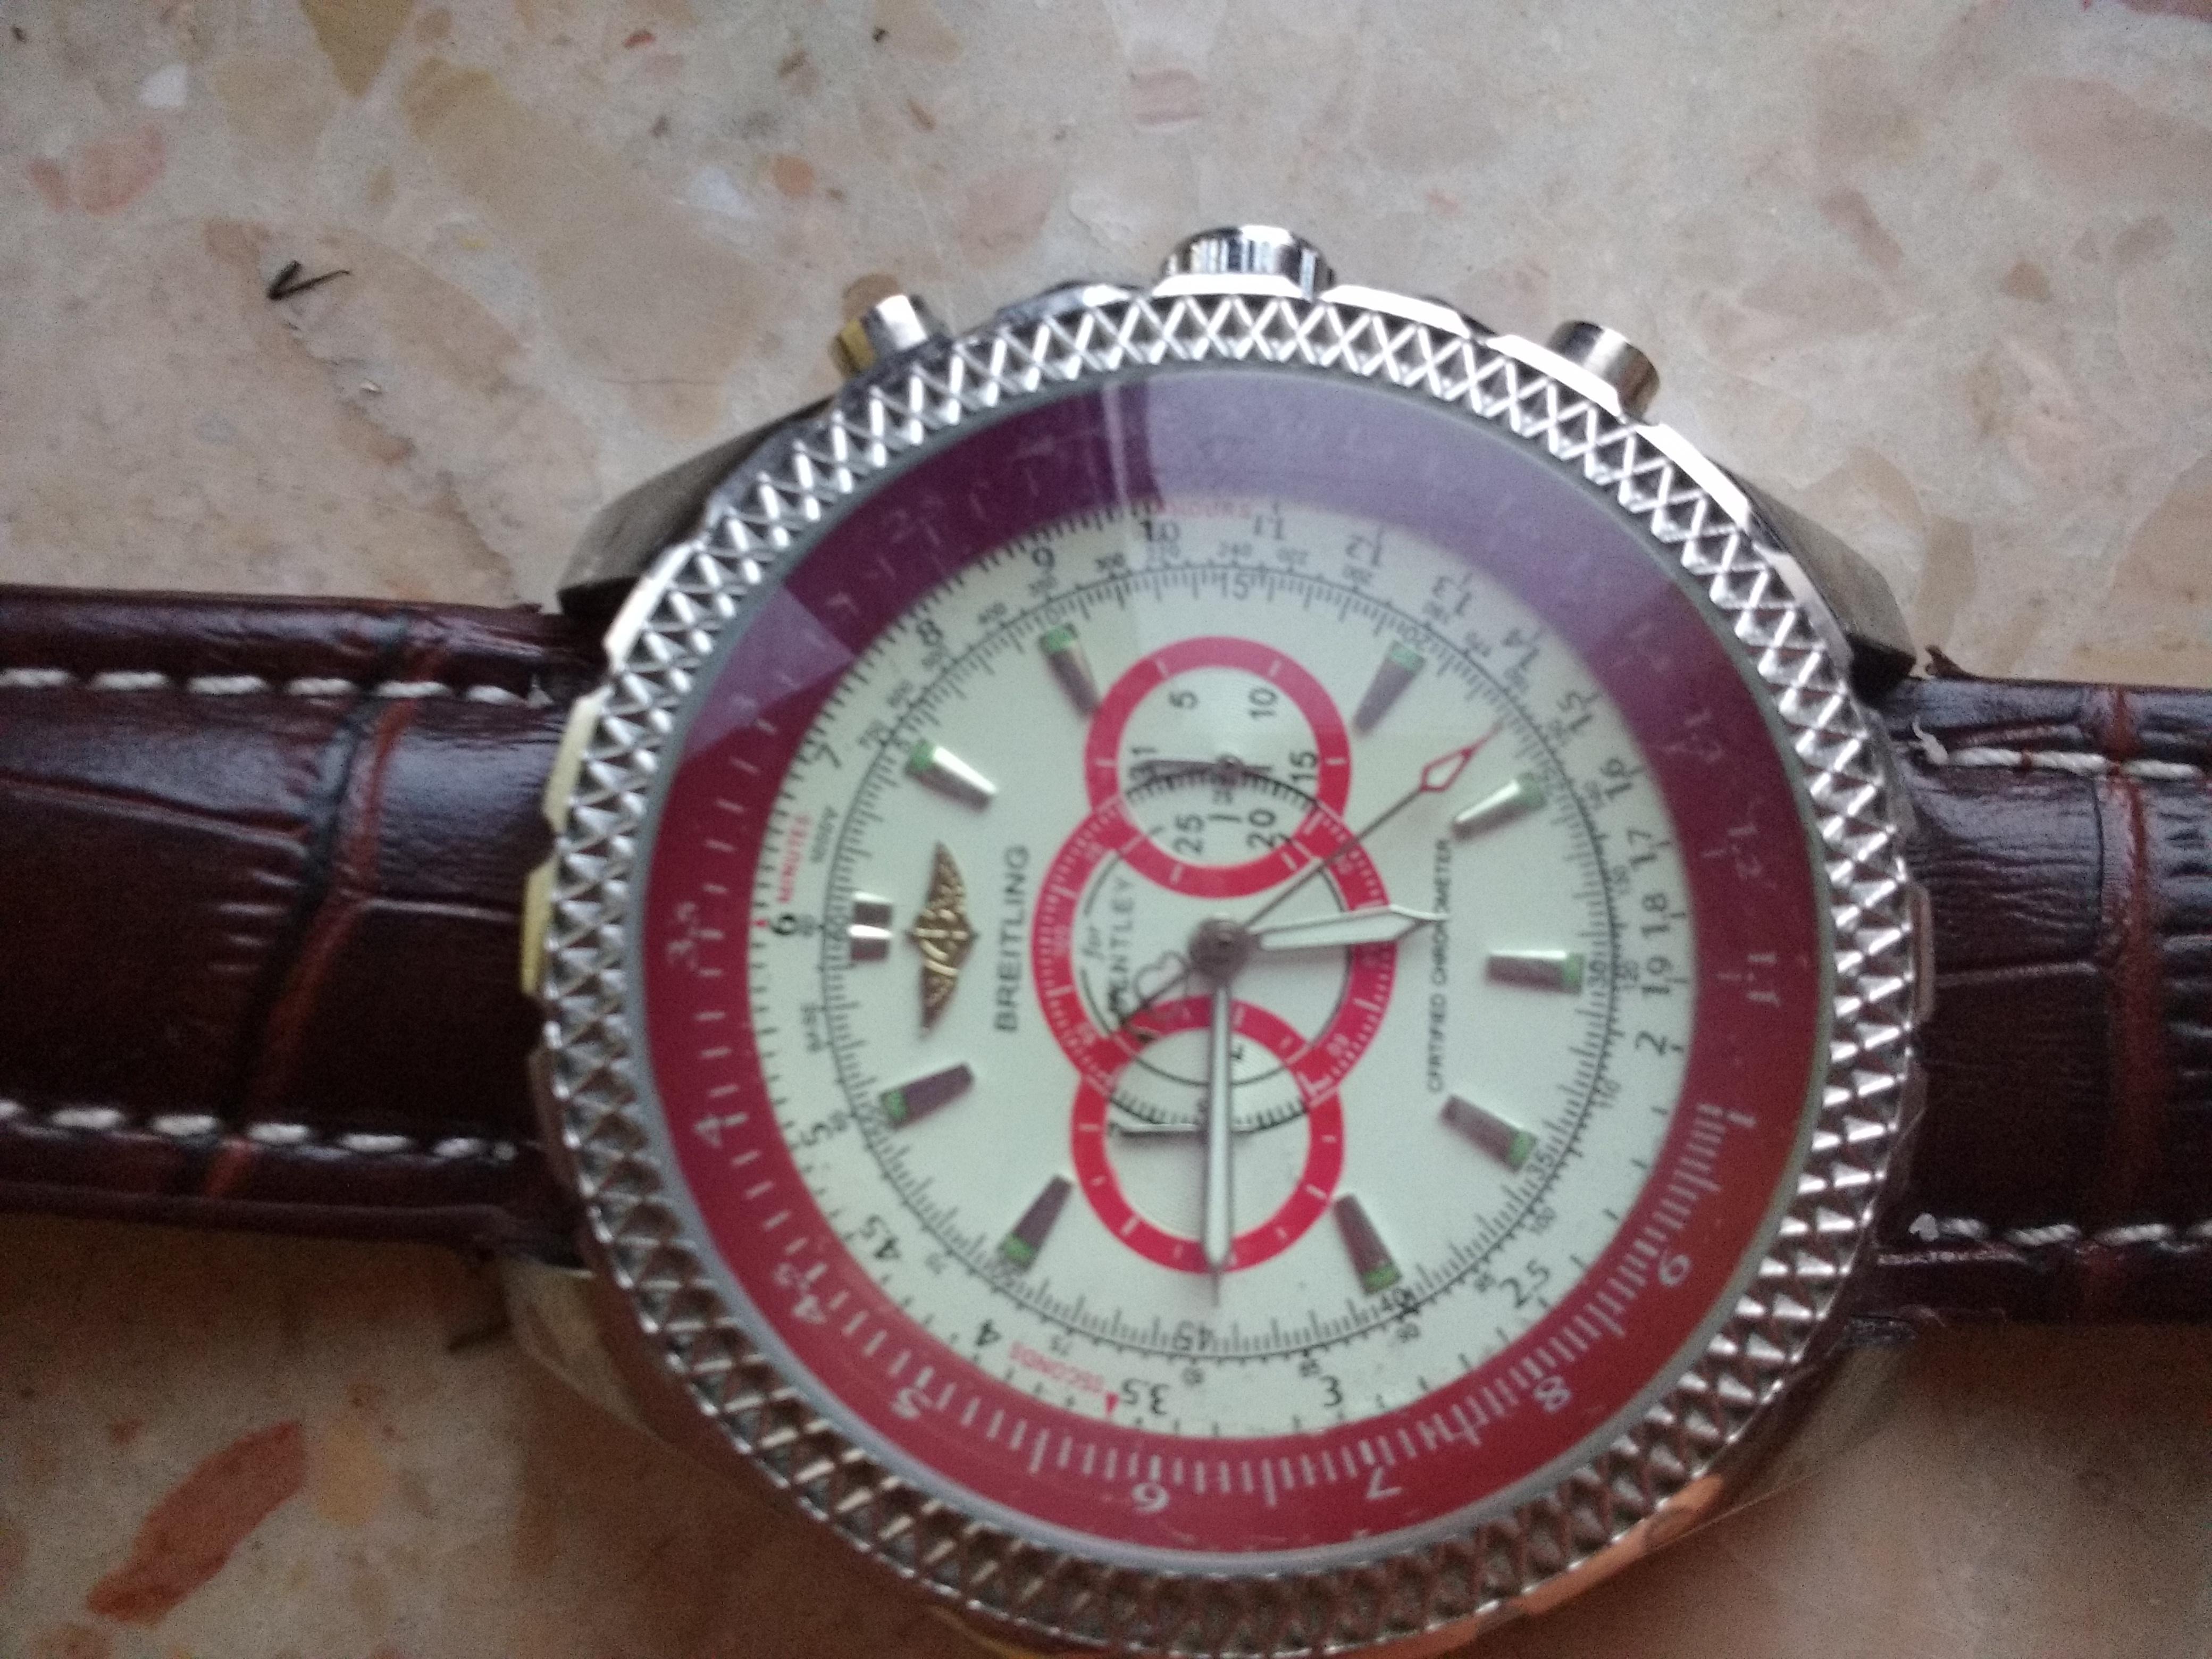 3329f467ec5a8d Chciałbym prosić o udzielenie mi jakiś informacji na temat tego zegarka.